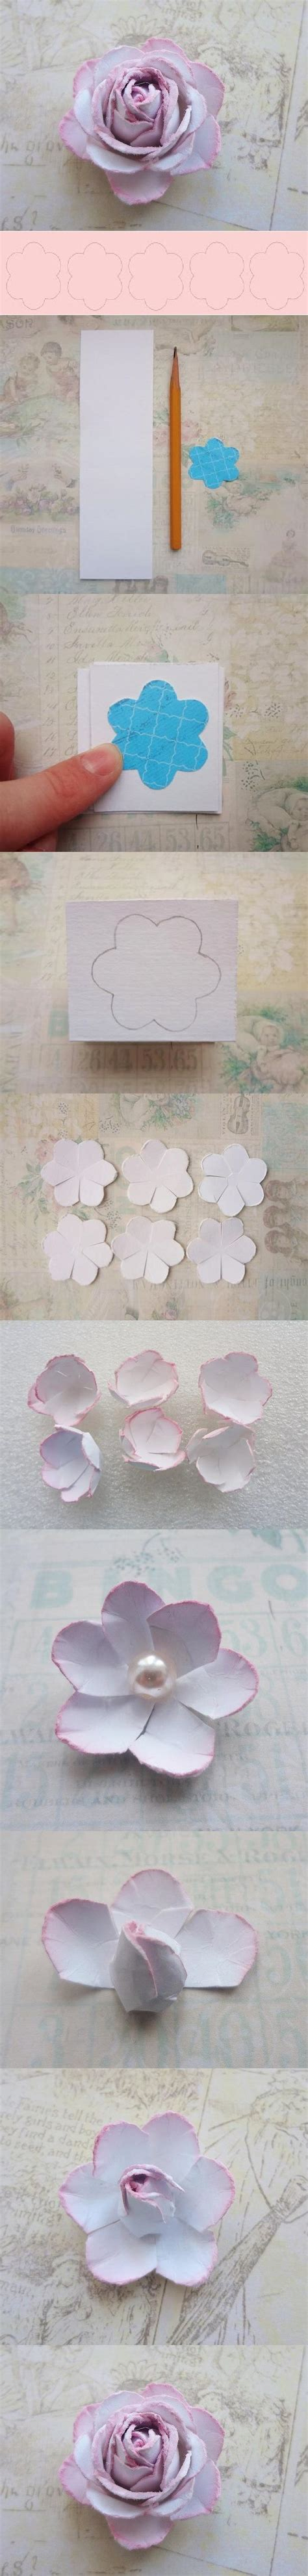 Handmade Rosettes - diy handmade rosettes fabdiy